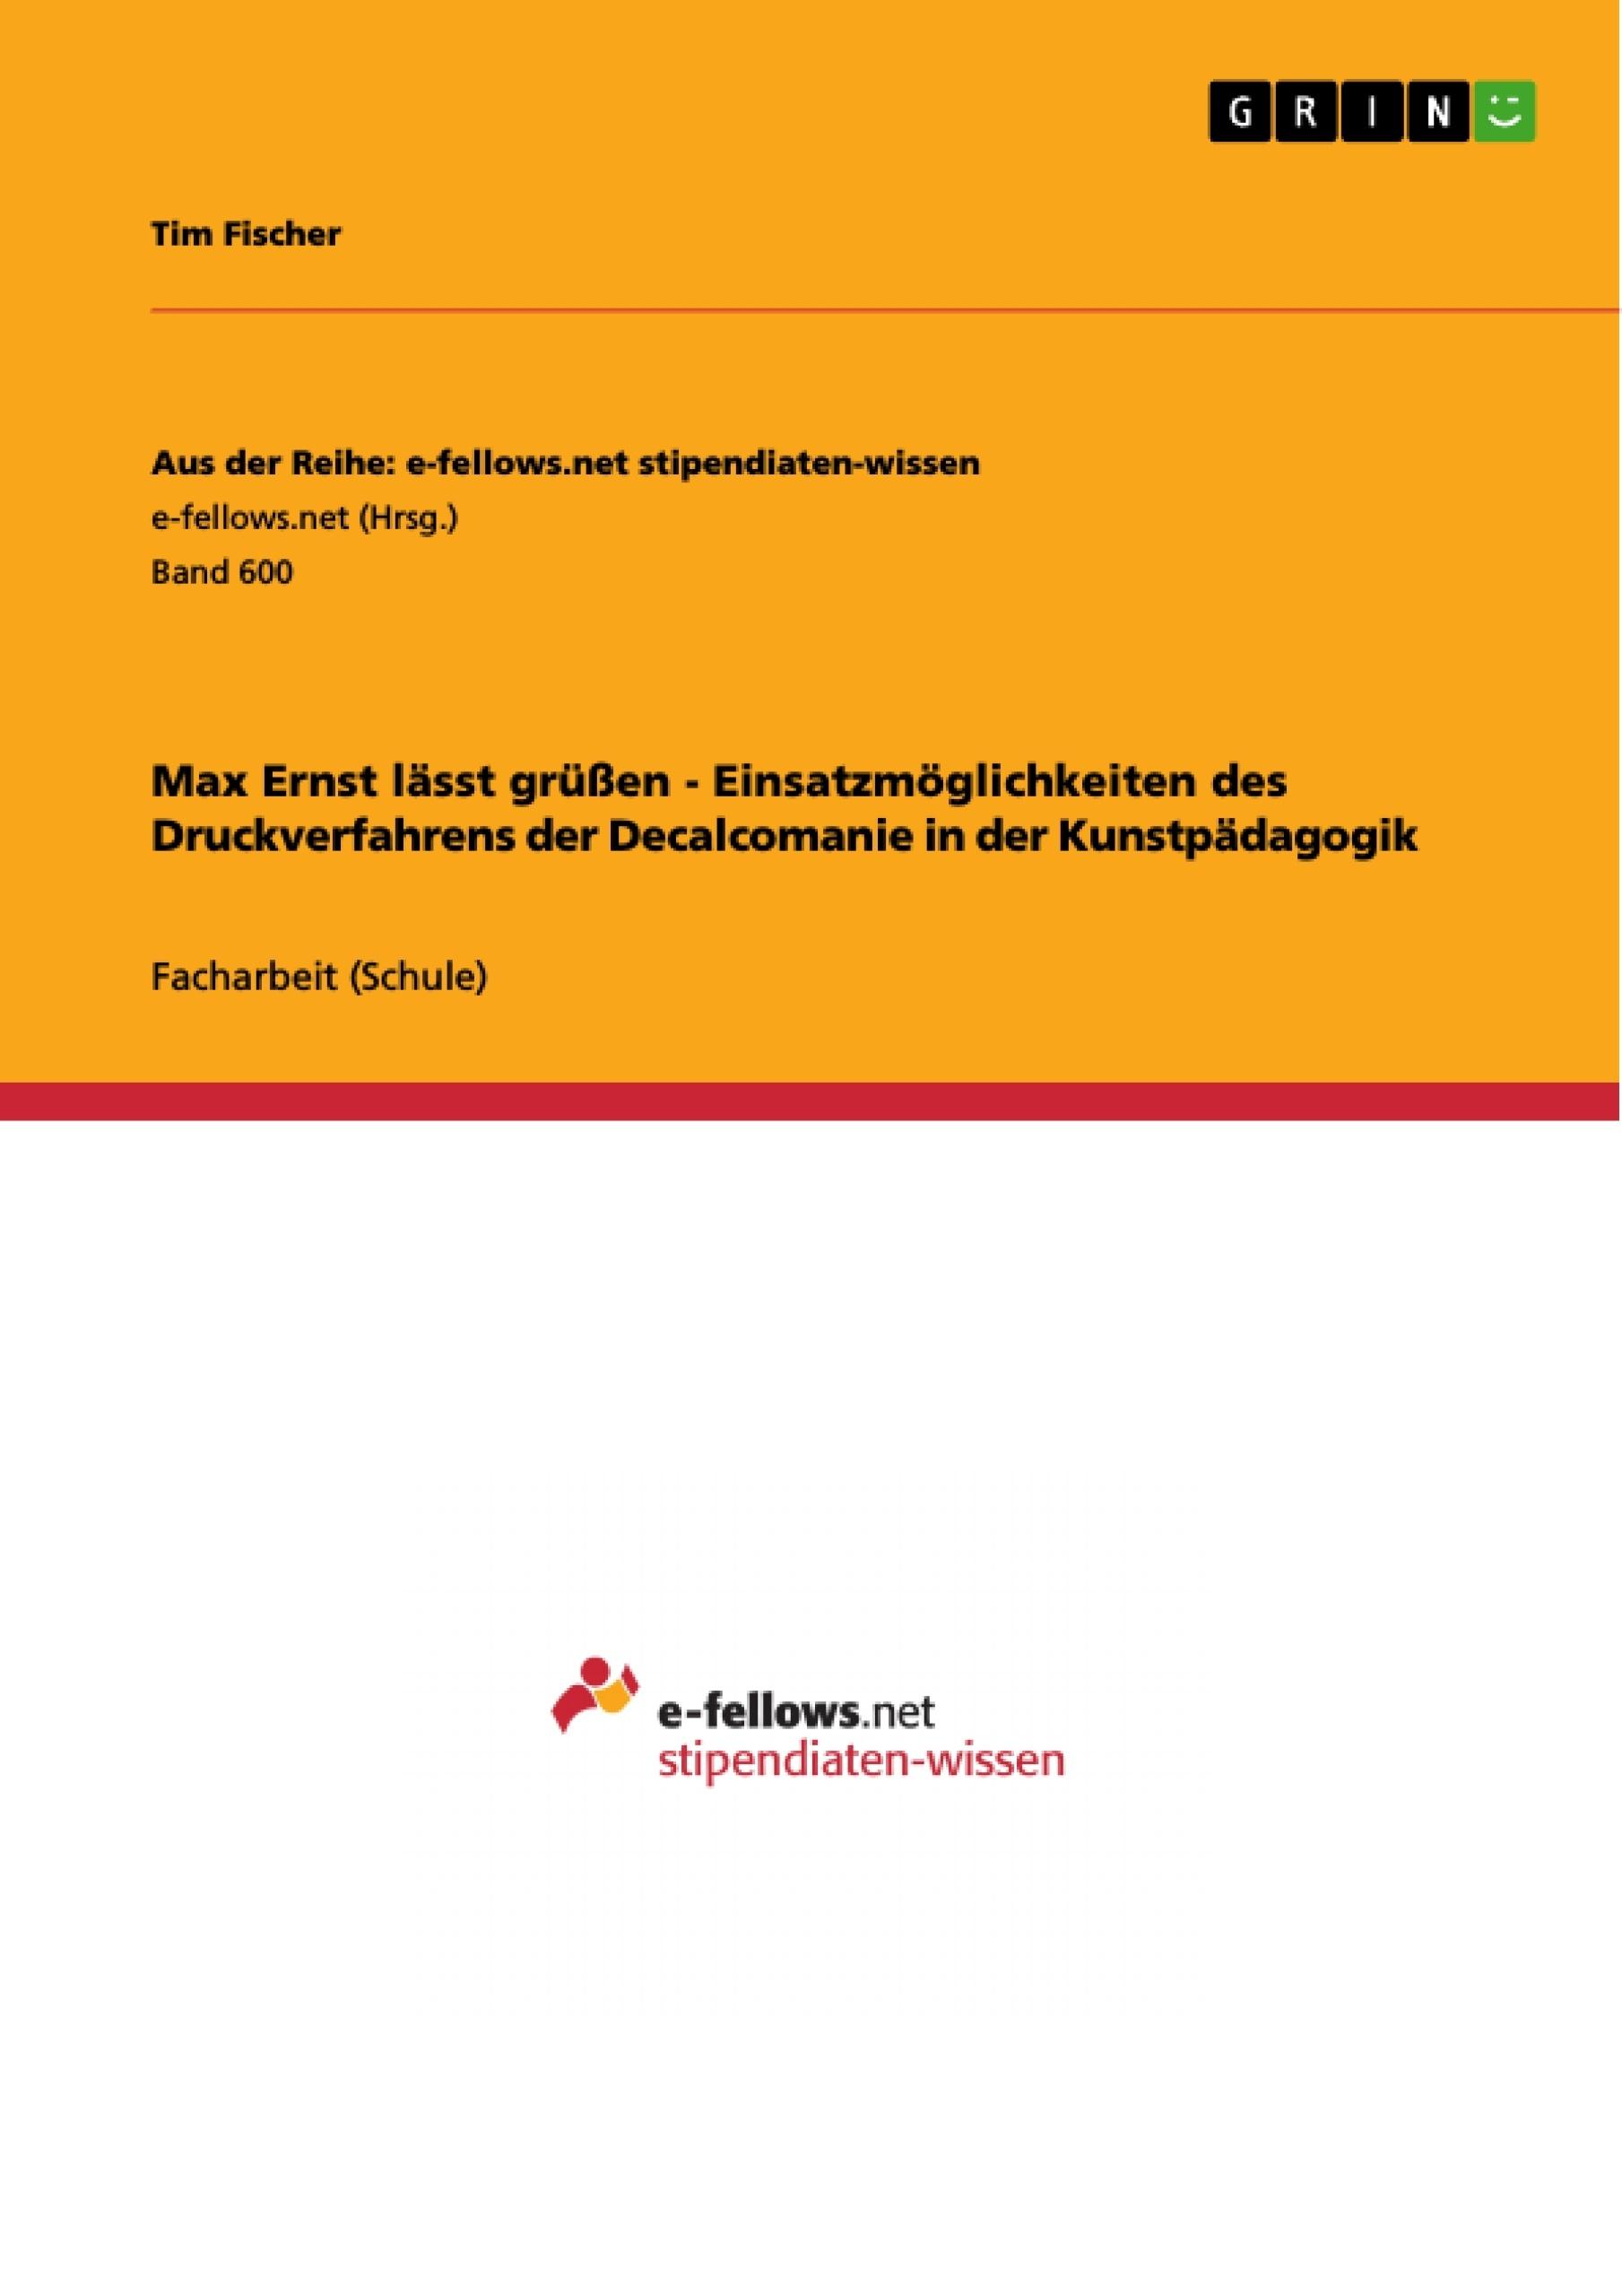 Titel: Max Ernst lässt grüßen - Einsatzmöglichkeiten des Druckverfahrens der Decalcomanie in  der Kunstpädagogik